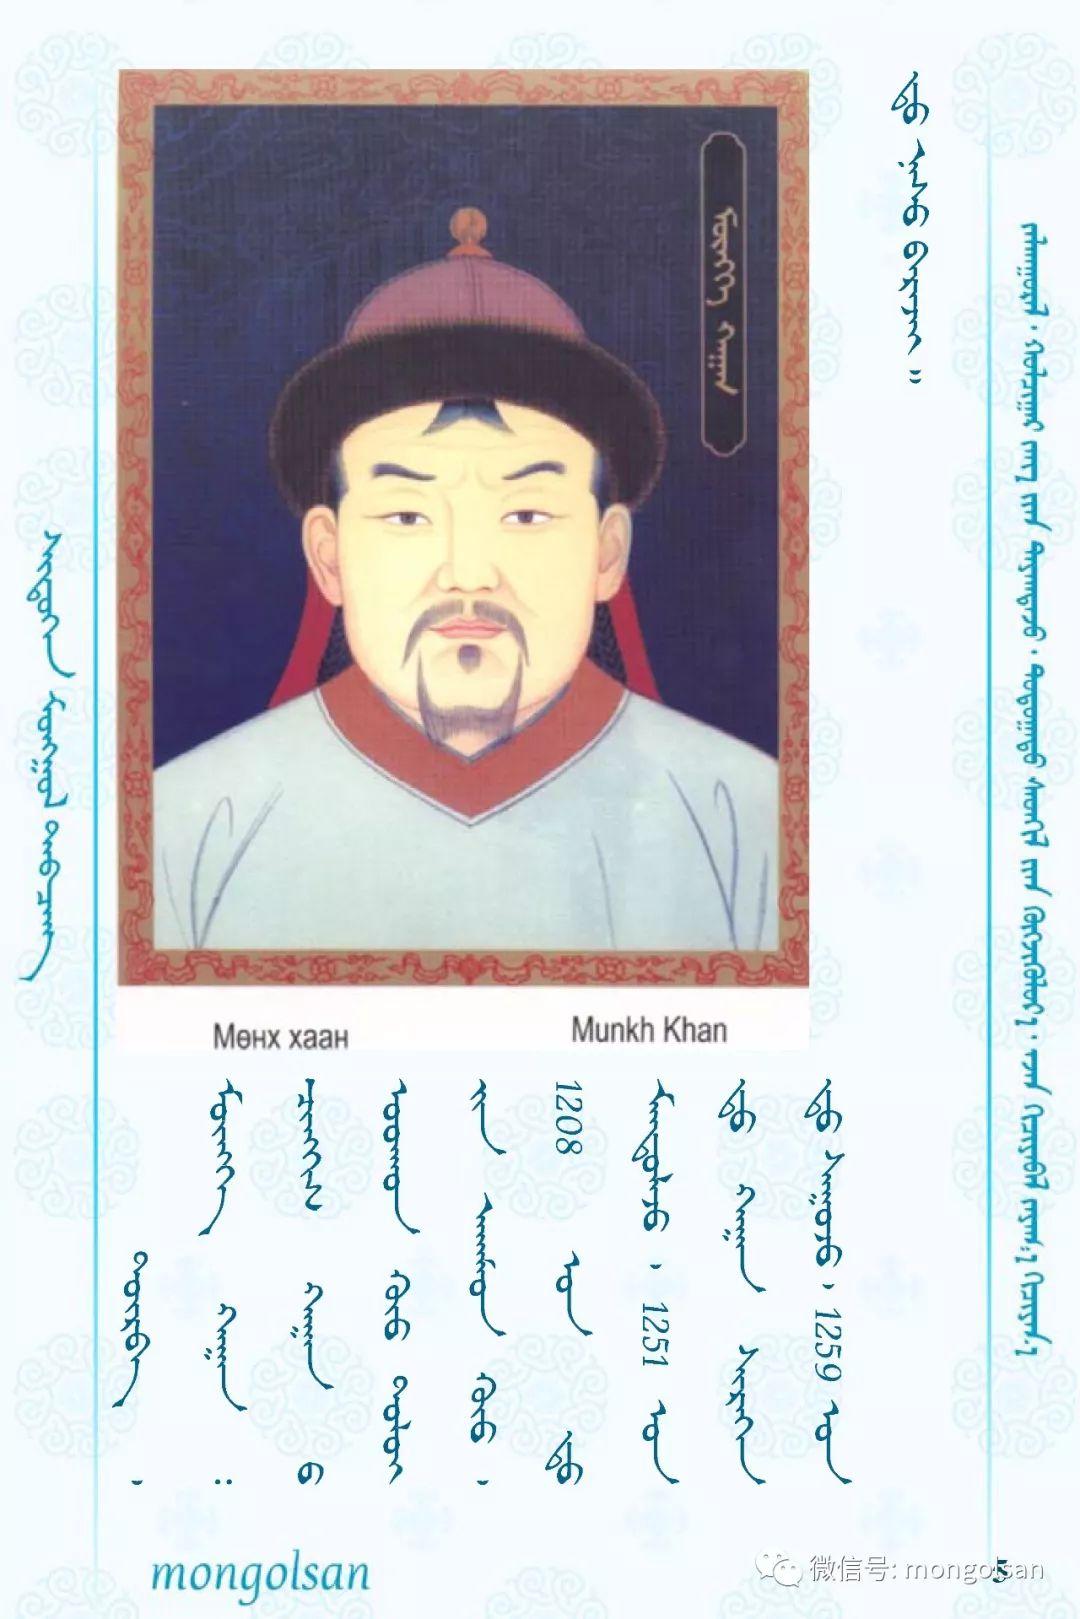 【关注】蒙古皇帝列表 第5张